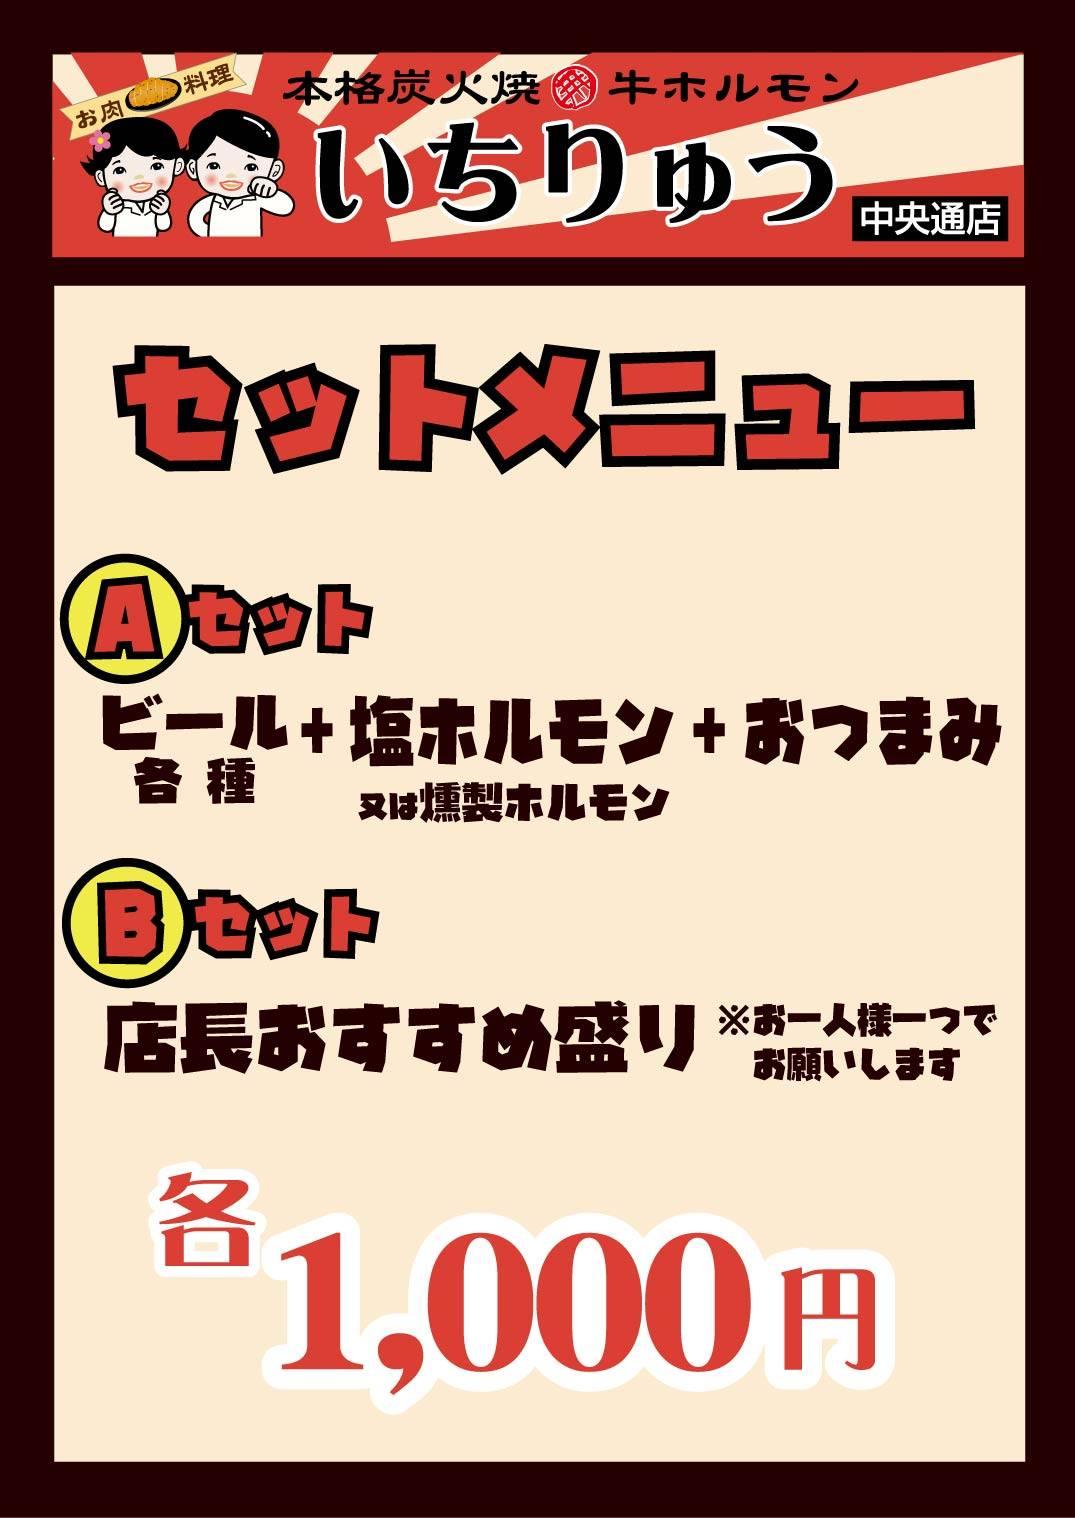 宮崎市の立ち飲み焼肉屋さんいちりゅう中央通り店